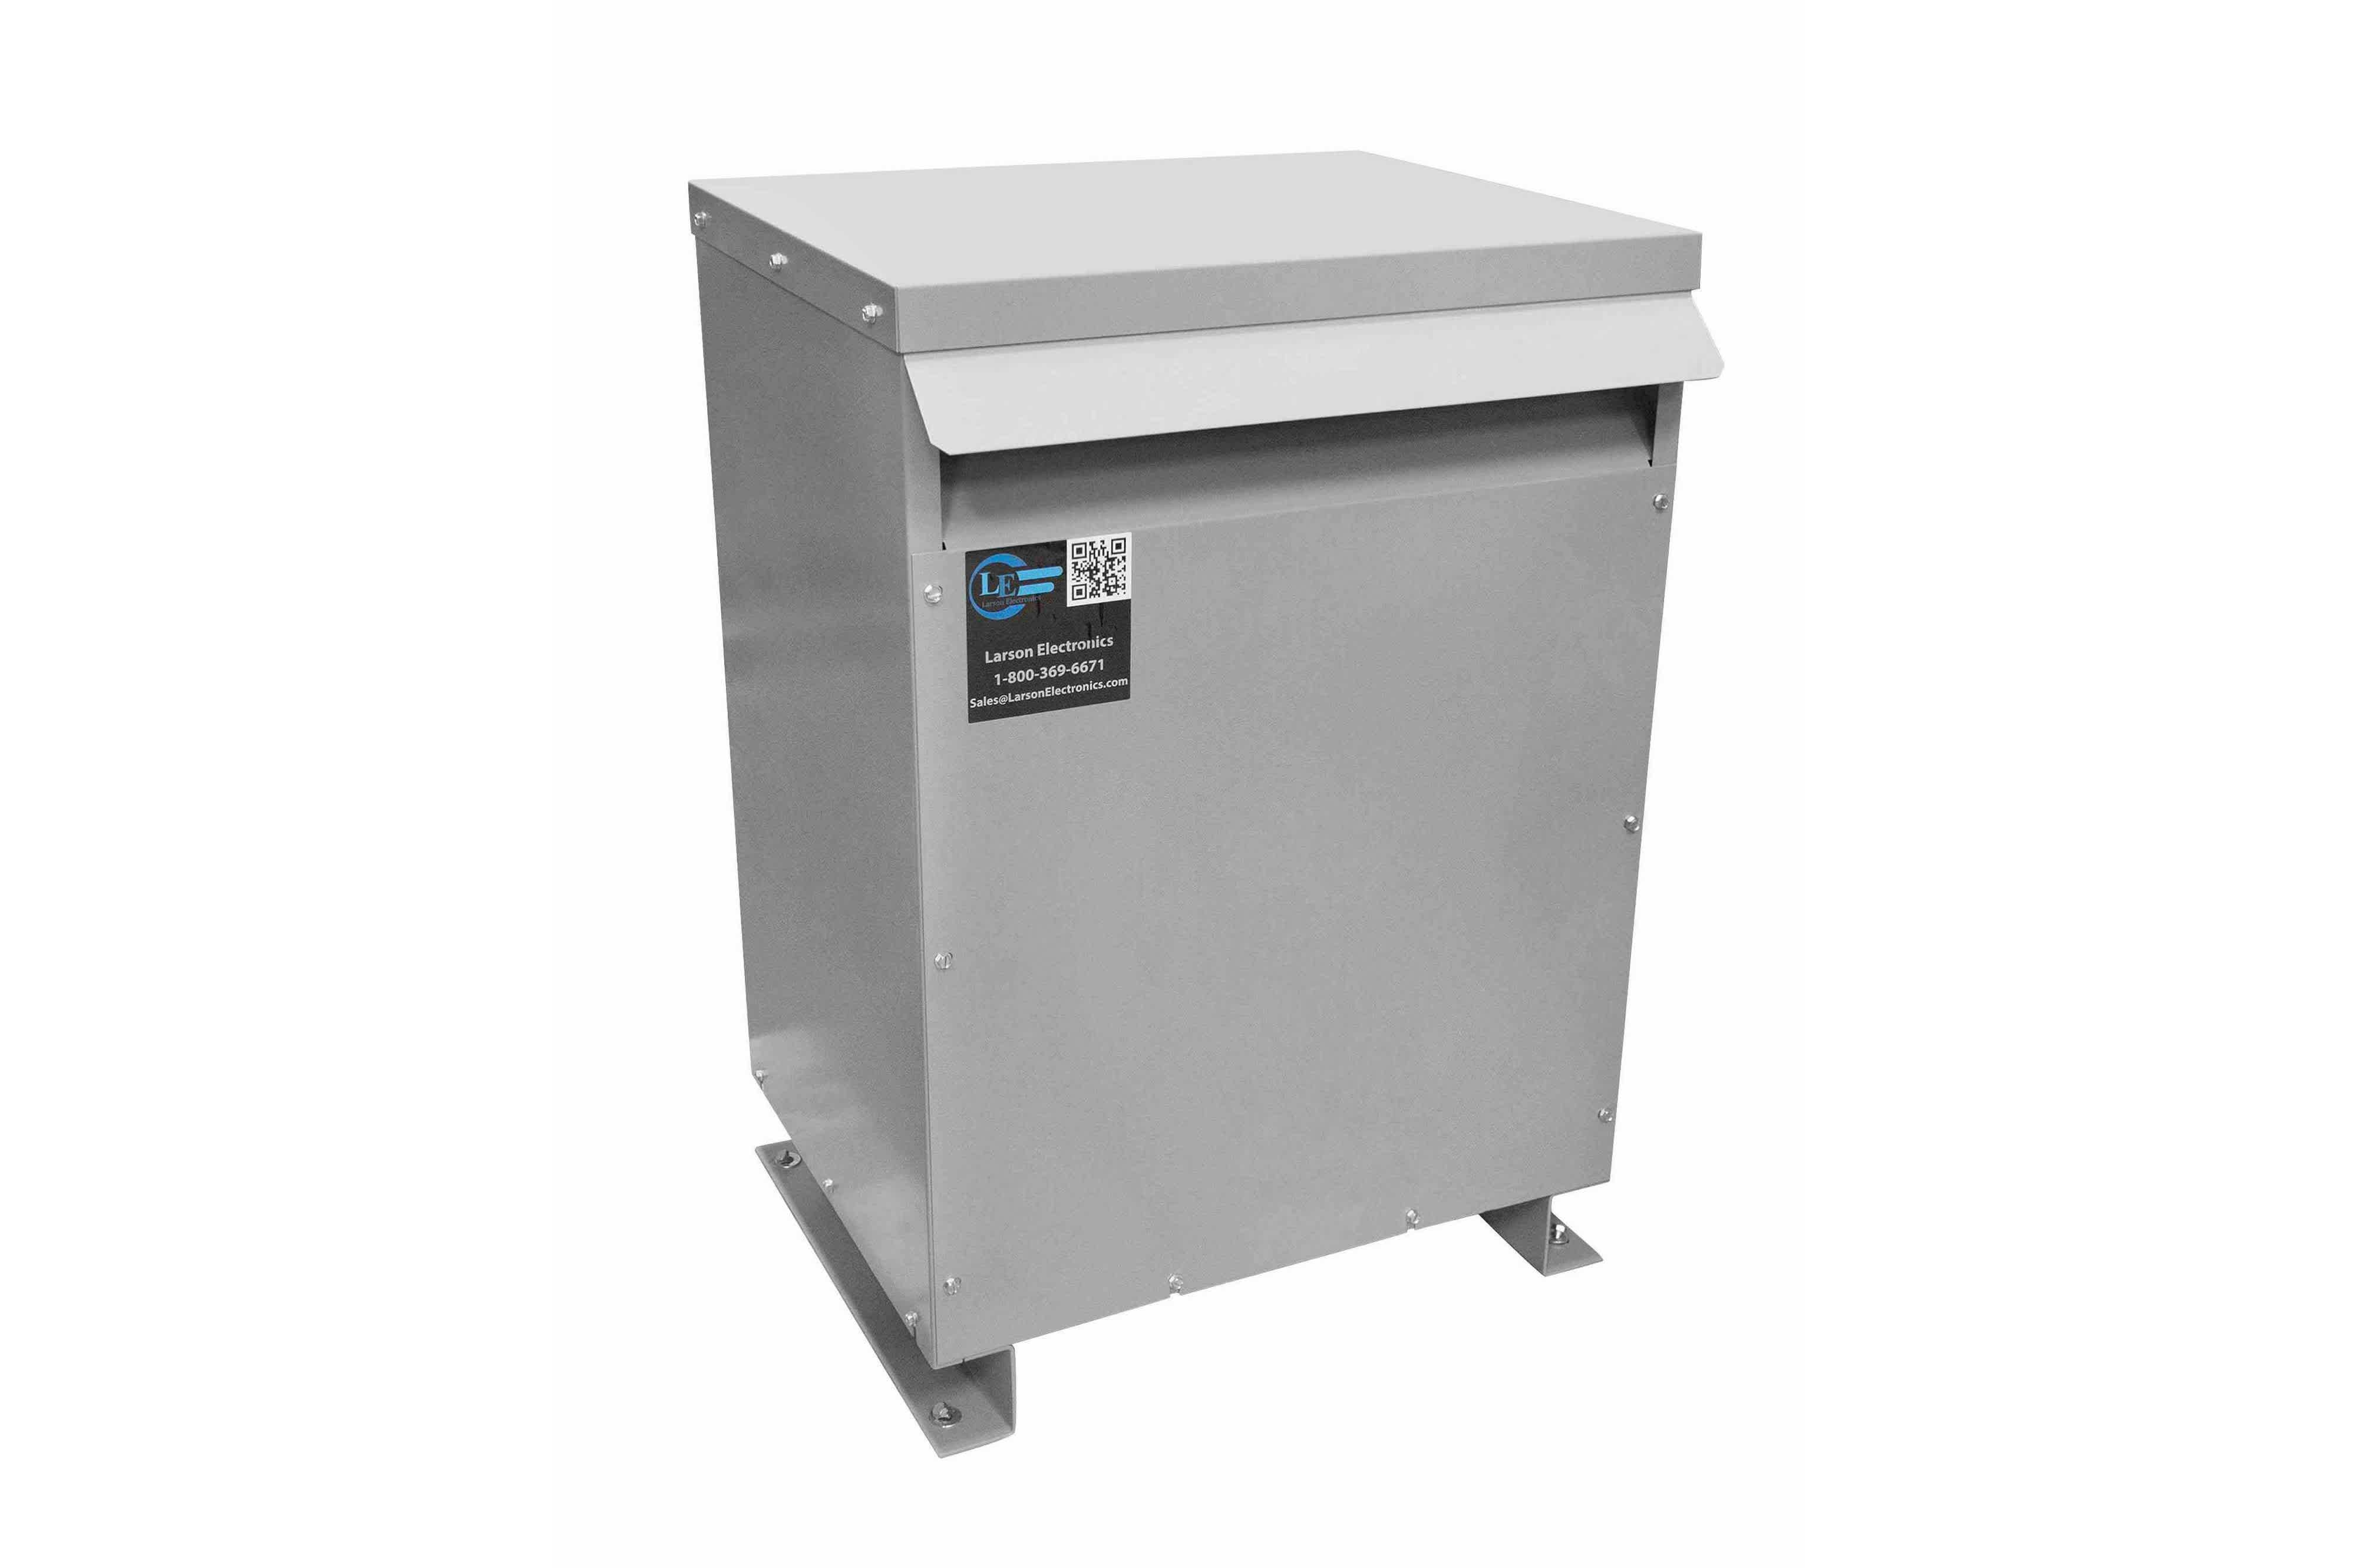 90 kVA 3PH Isolation Transformer, 400V Delta Primary, 208V Delta Secondary, N3R, Ventilated, 60 Hz